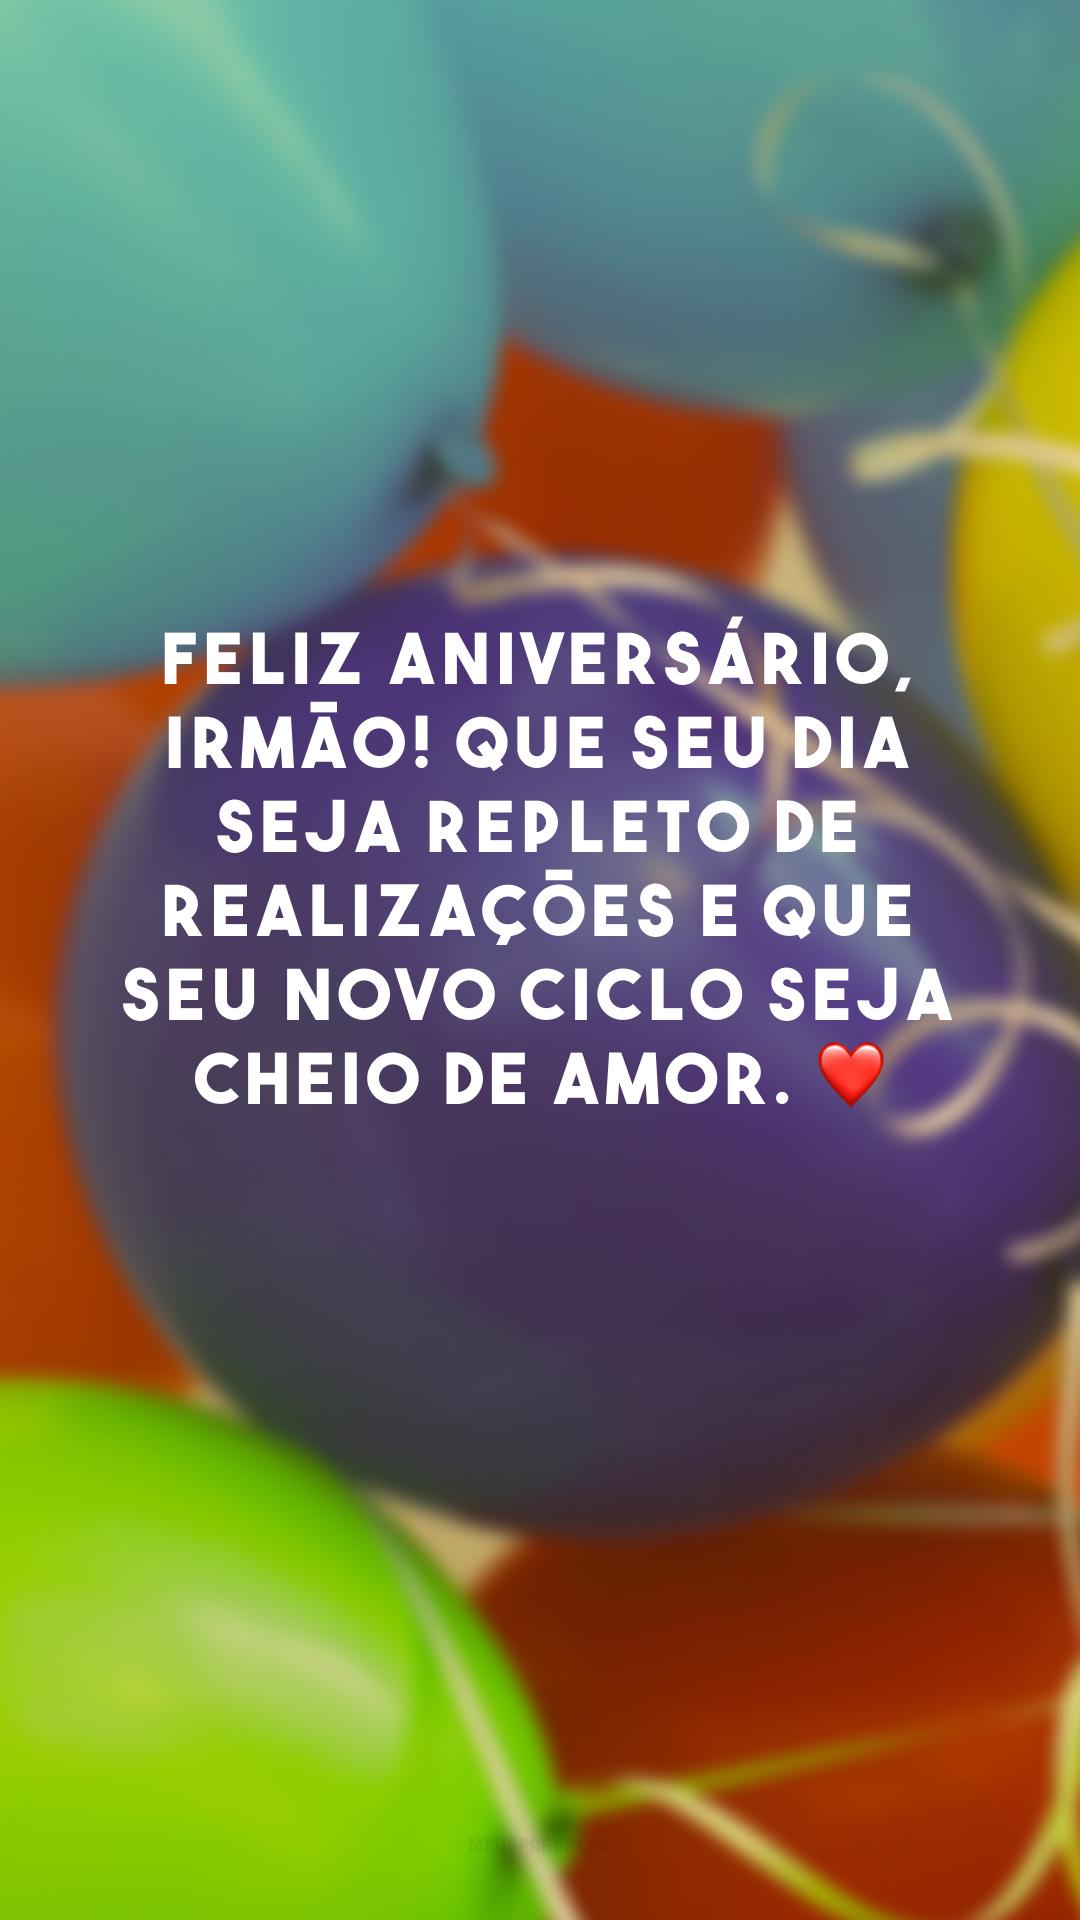 Feliz aniversário, irmão! Que seu dia seja repleto de realizações e que seu novo ciclo seja cheio de amor. ❤